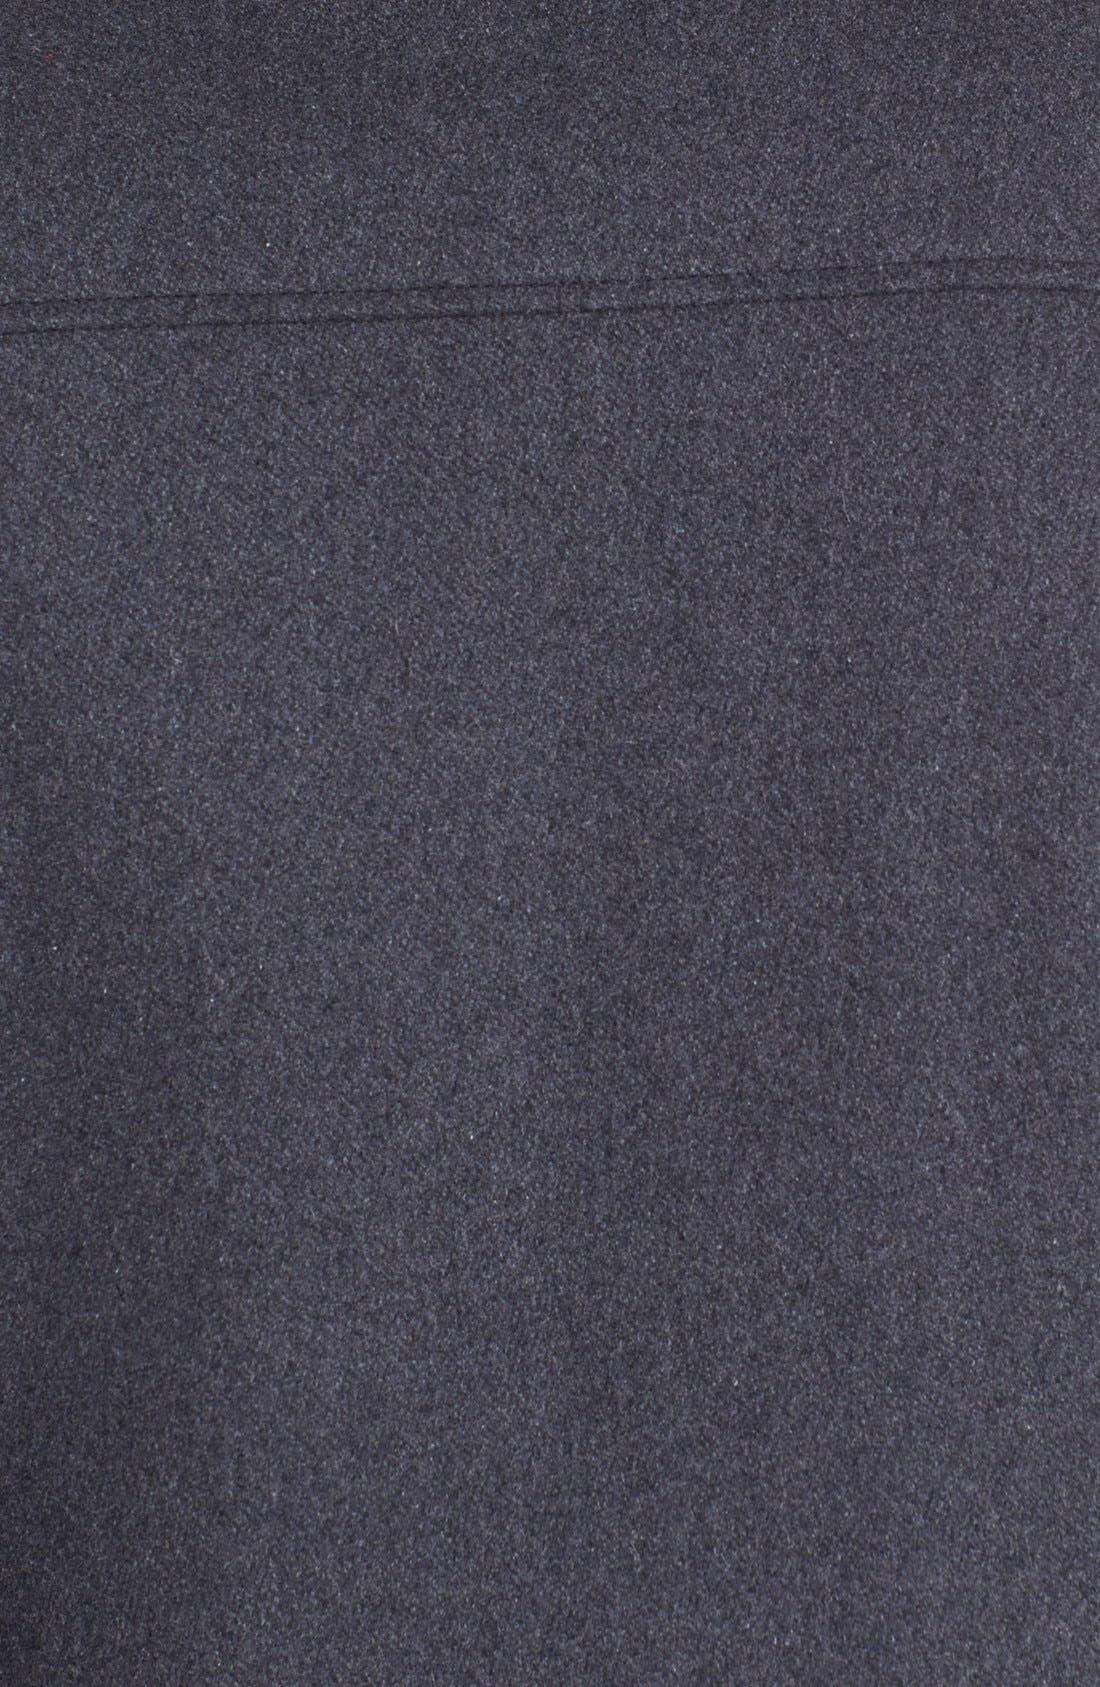 Alternate Image 3  - Kenneth Cole New York 'Melton' Jacket